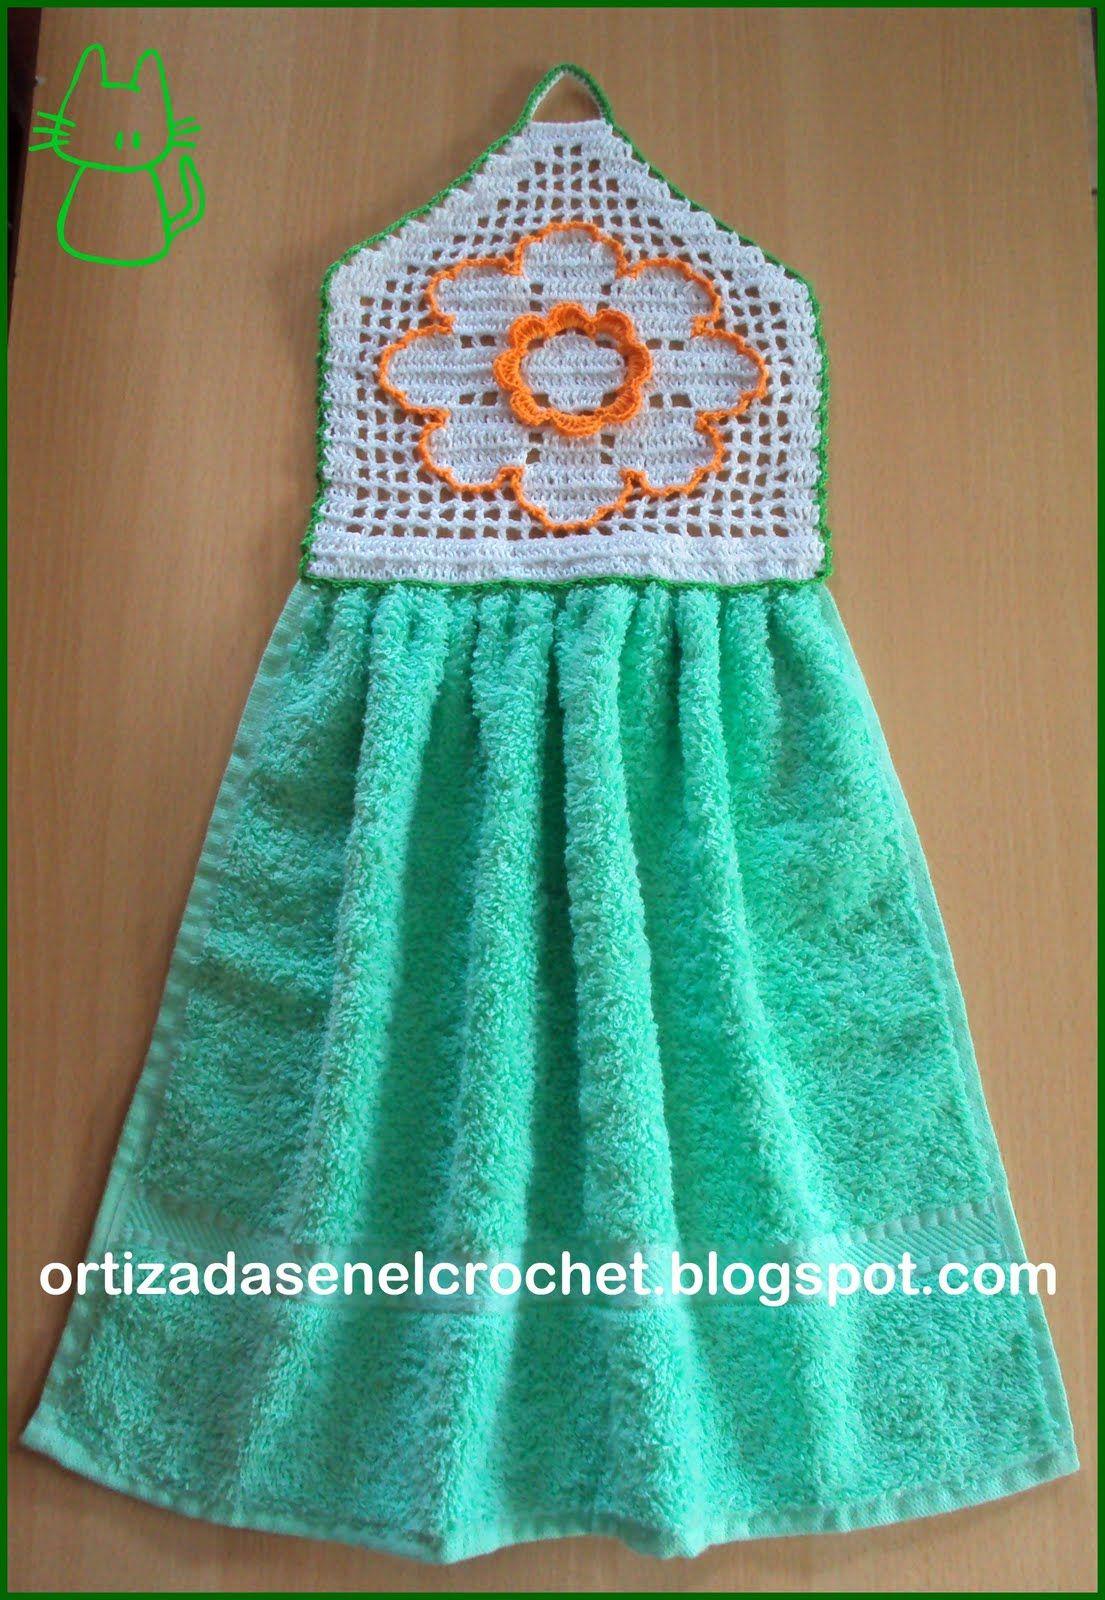 PARA LA COCINA NUEVAMENTE | Ortizadas en el Crochet | tejidos varios ...